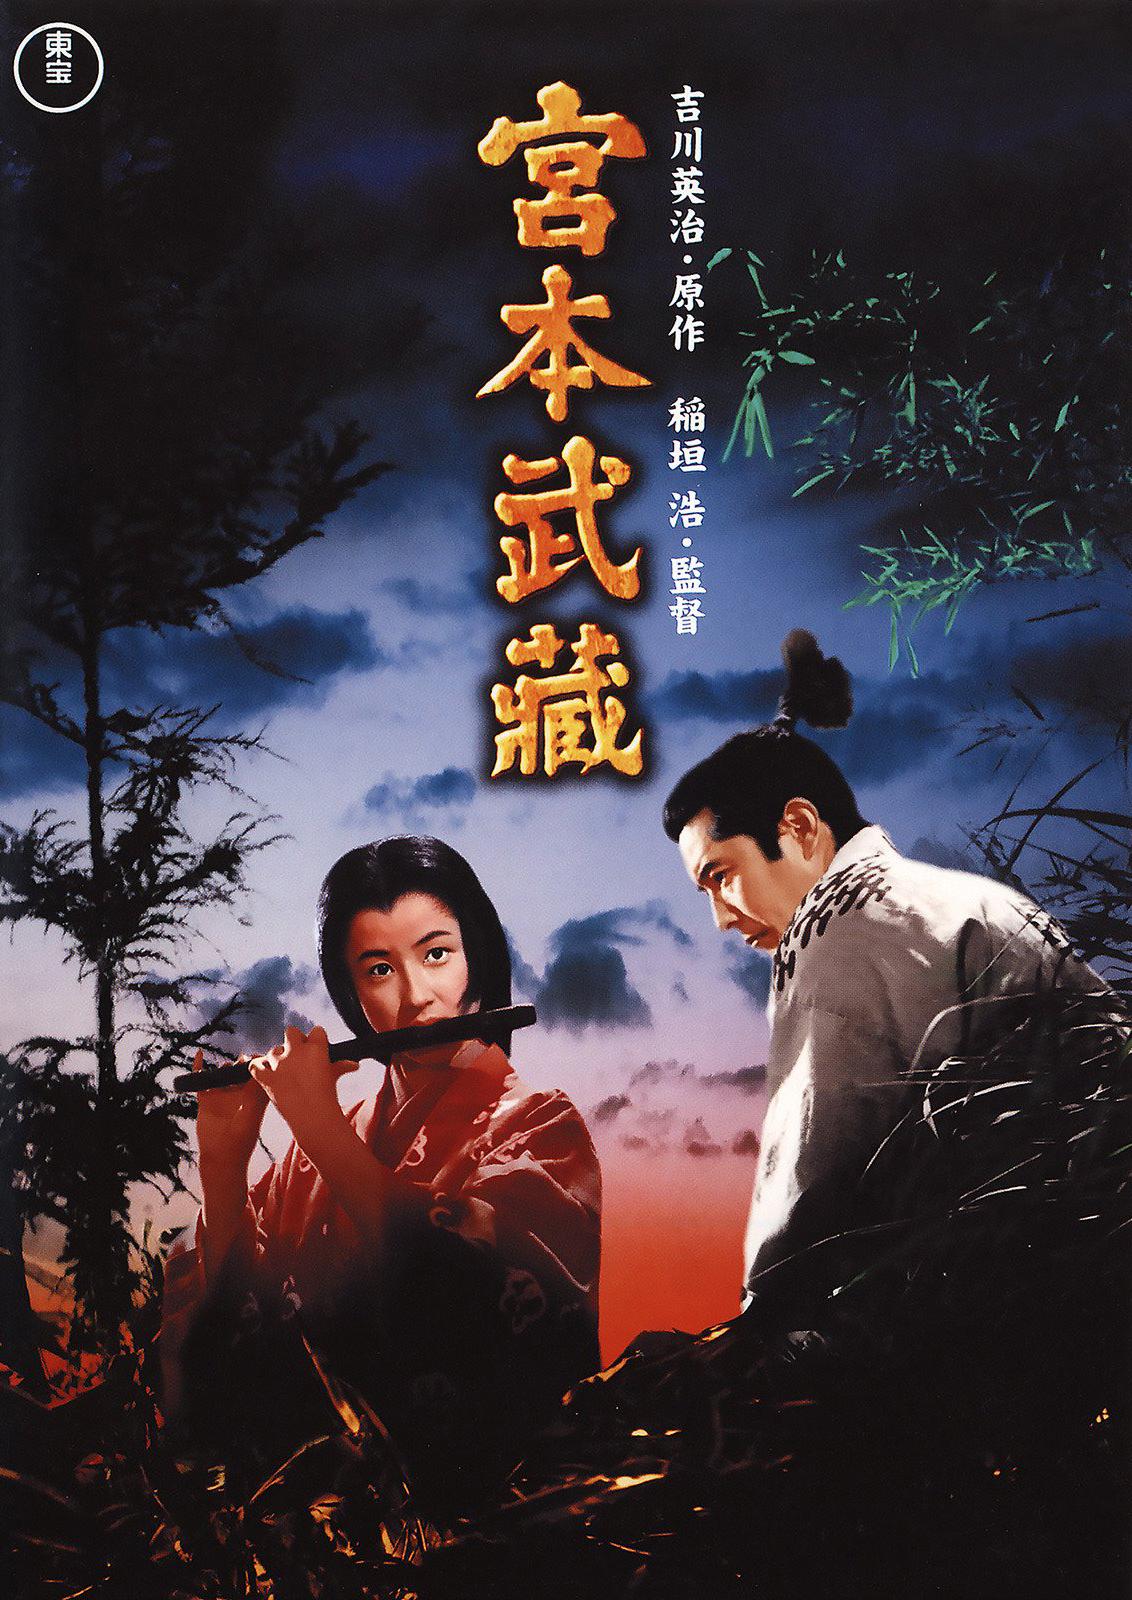 samurai i musashi miyamoto (1954) full movie